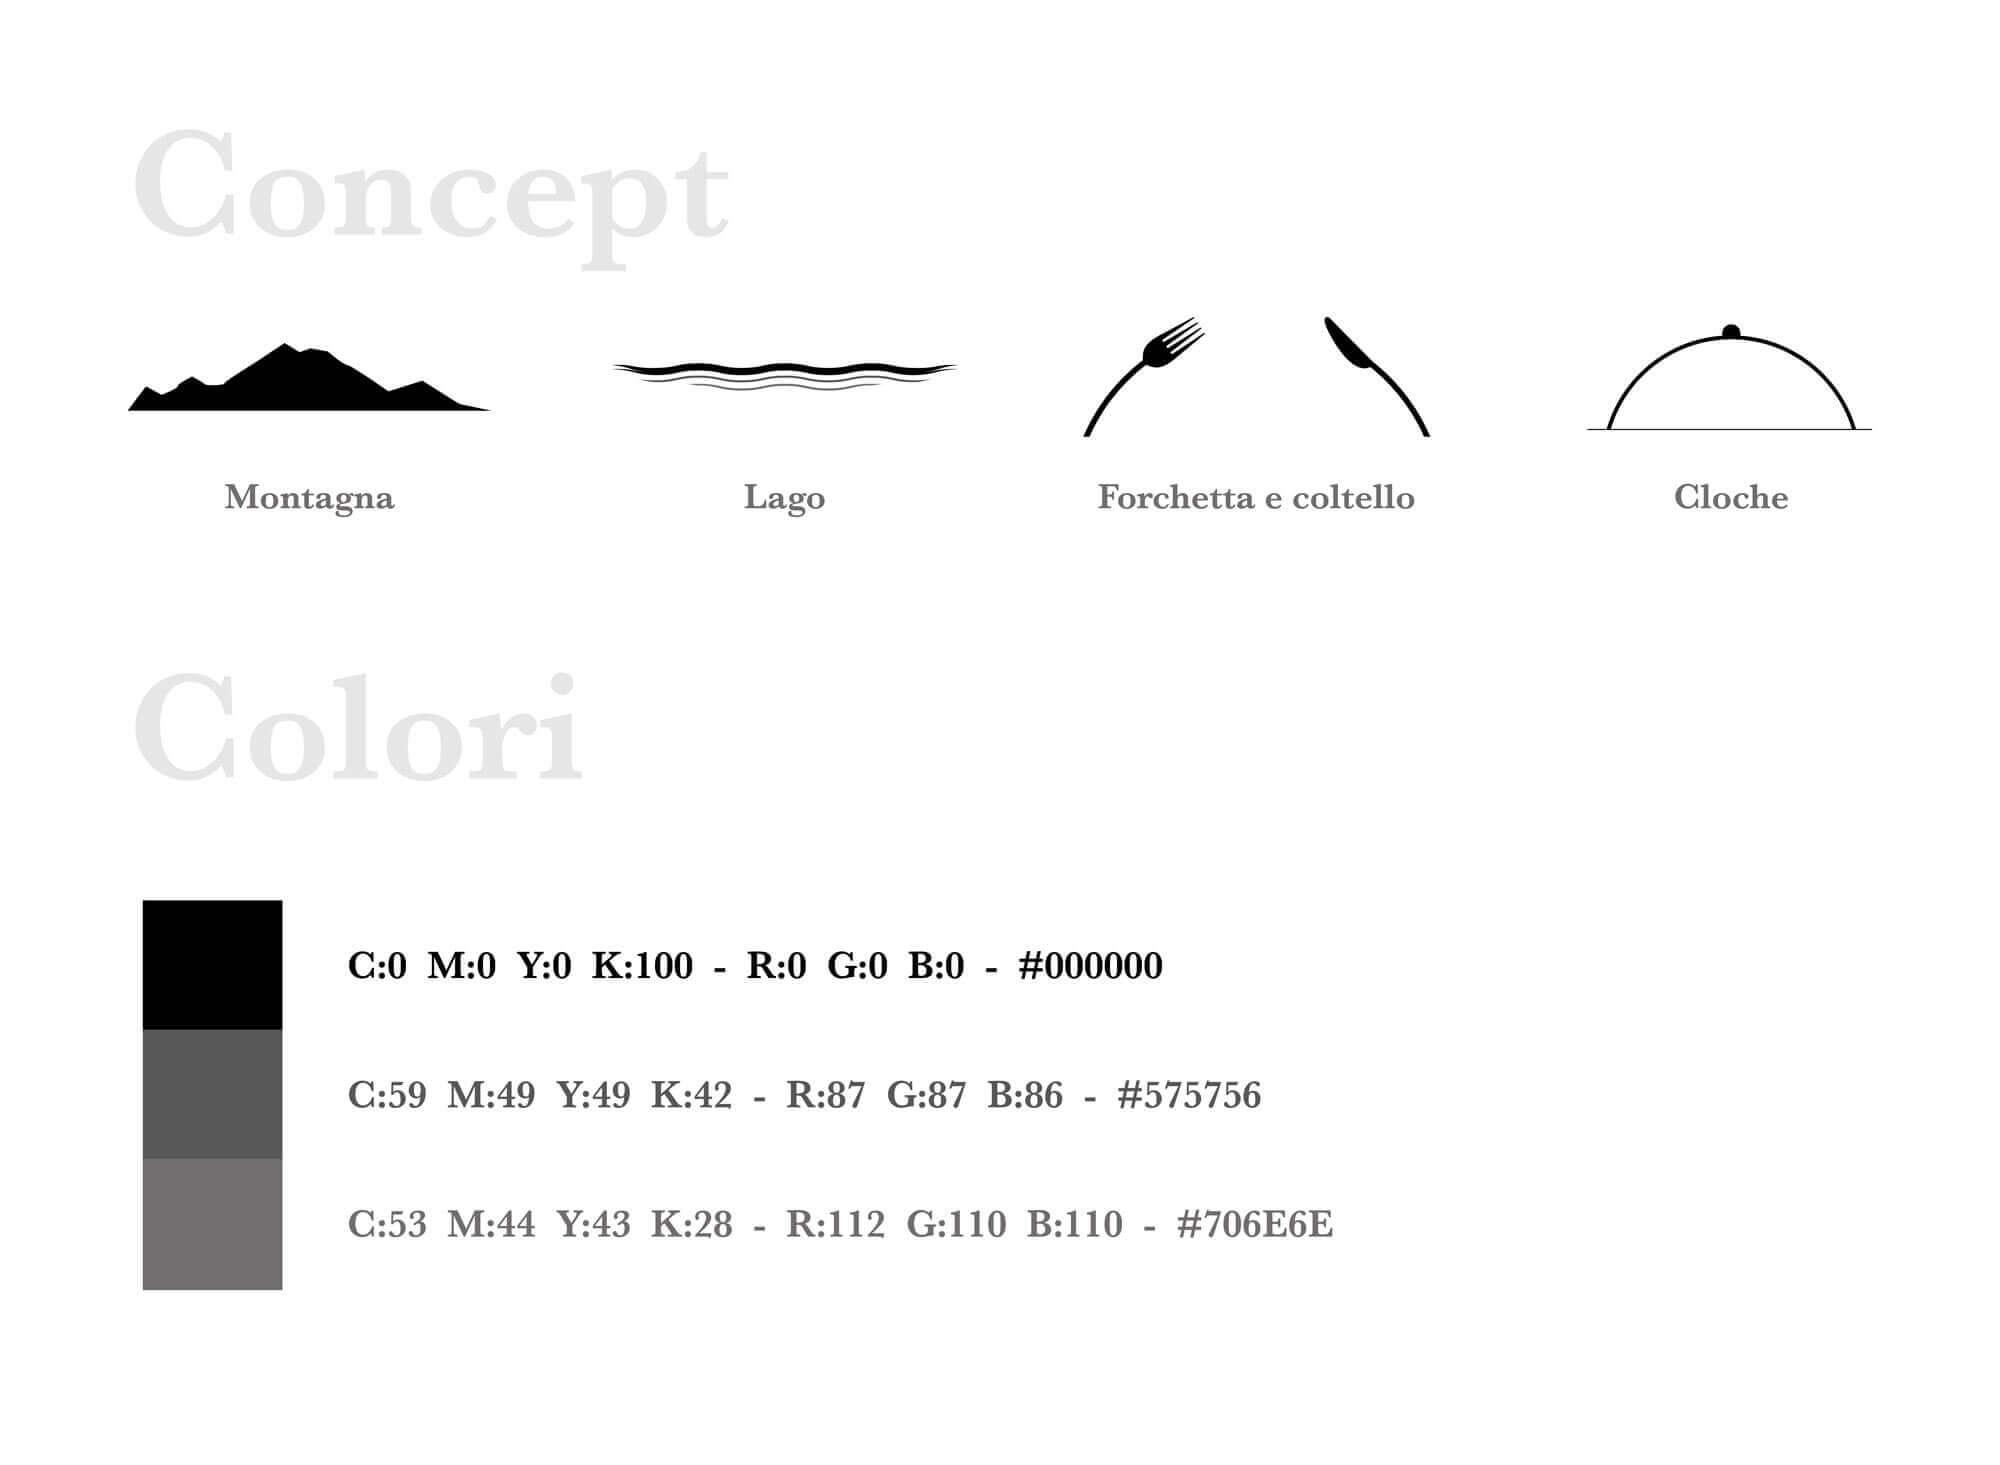 spiegazione del concept e della palette colori utilizzata per realizzare il logo e brand identity design di Vista Ristorante